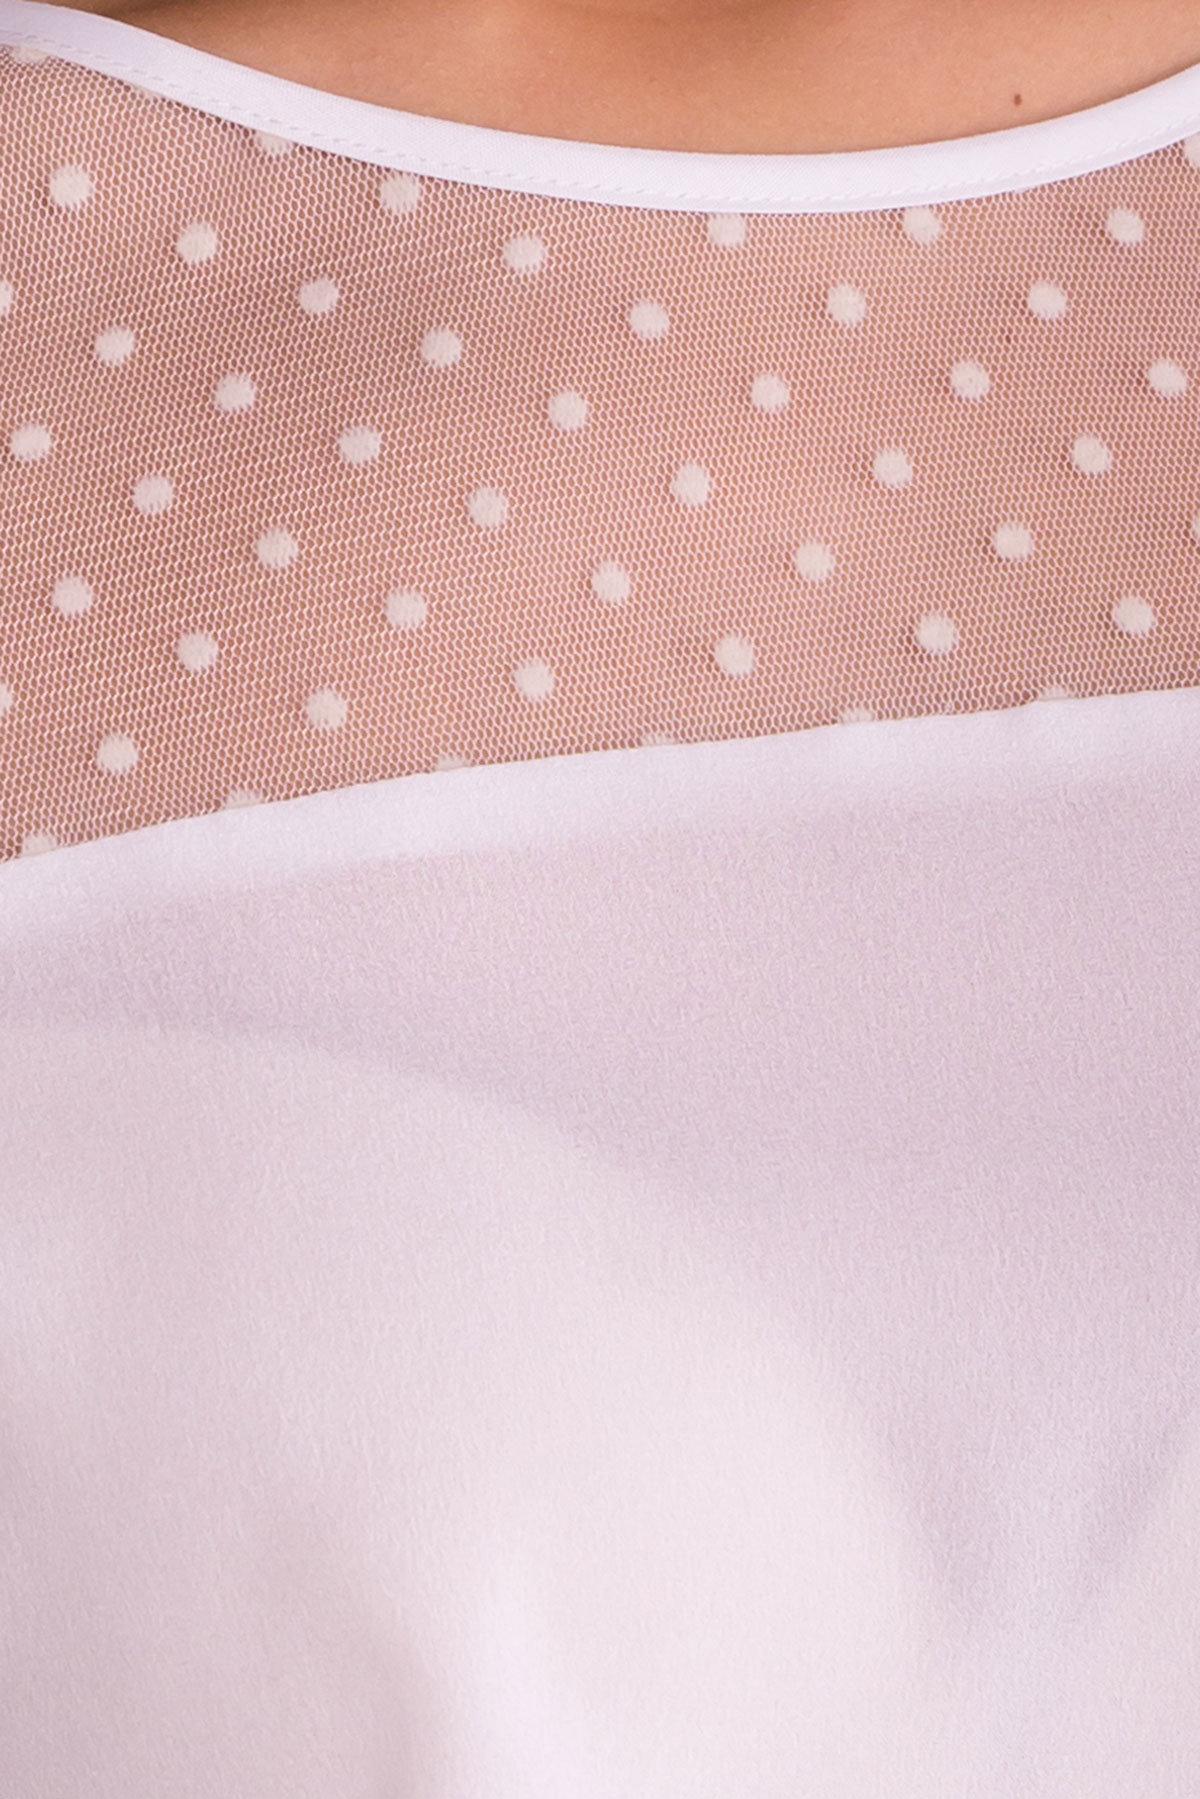 Блузка Свит 7669 Цвет: Белый